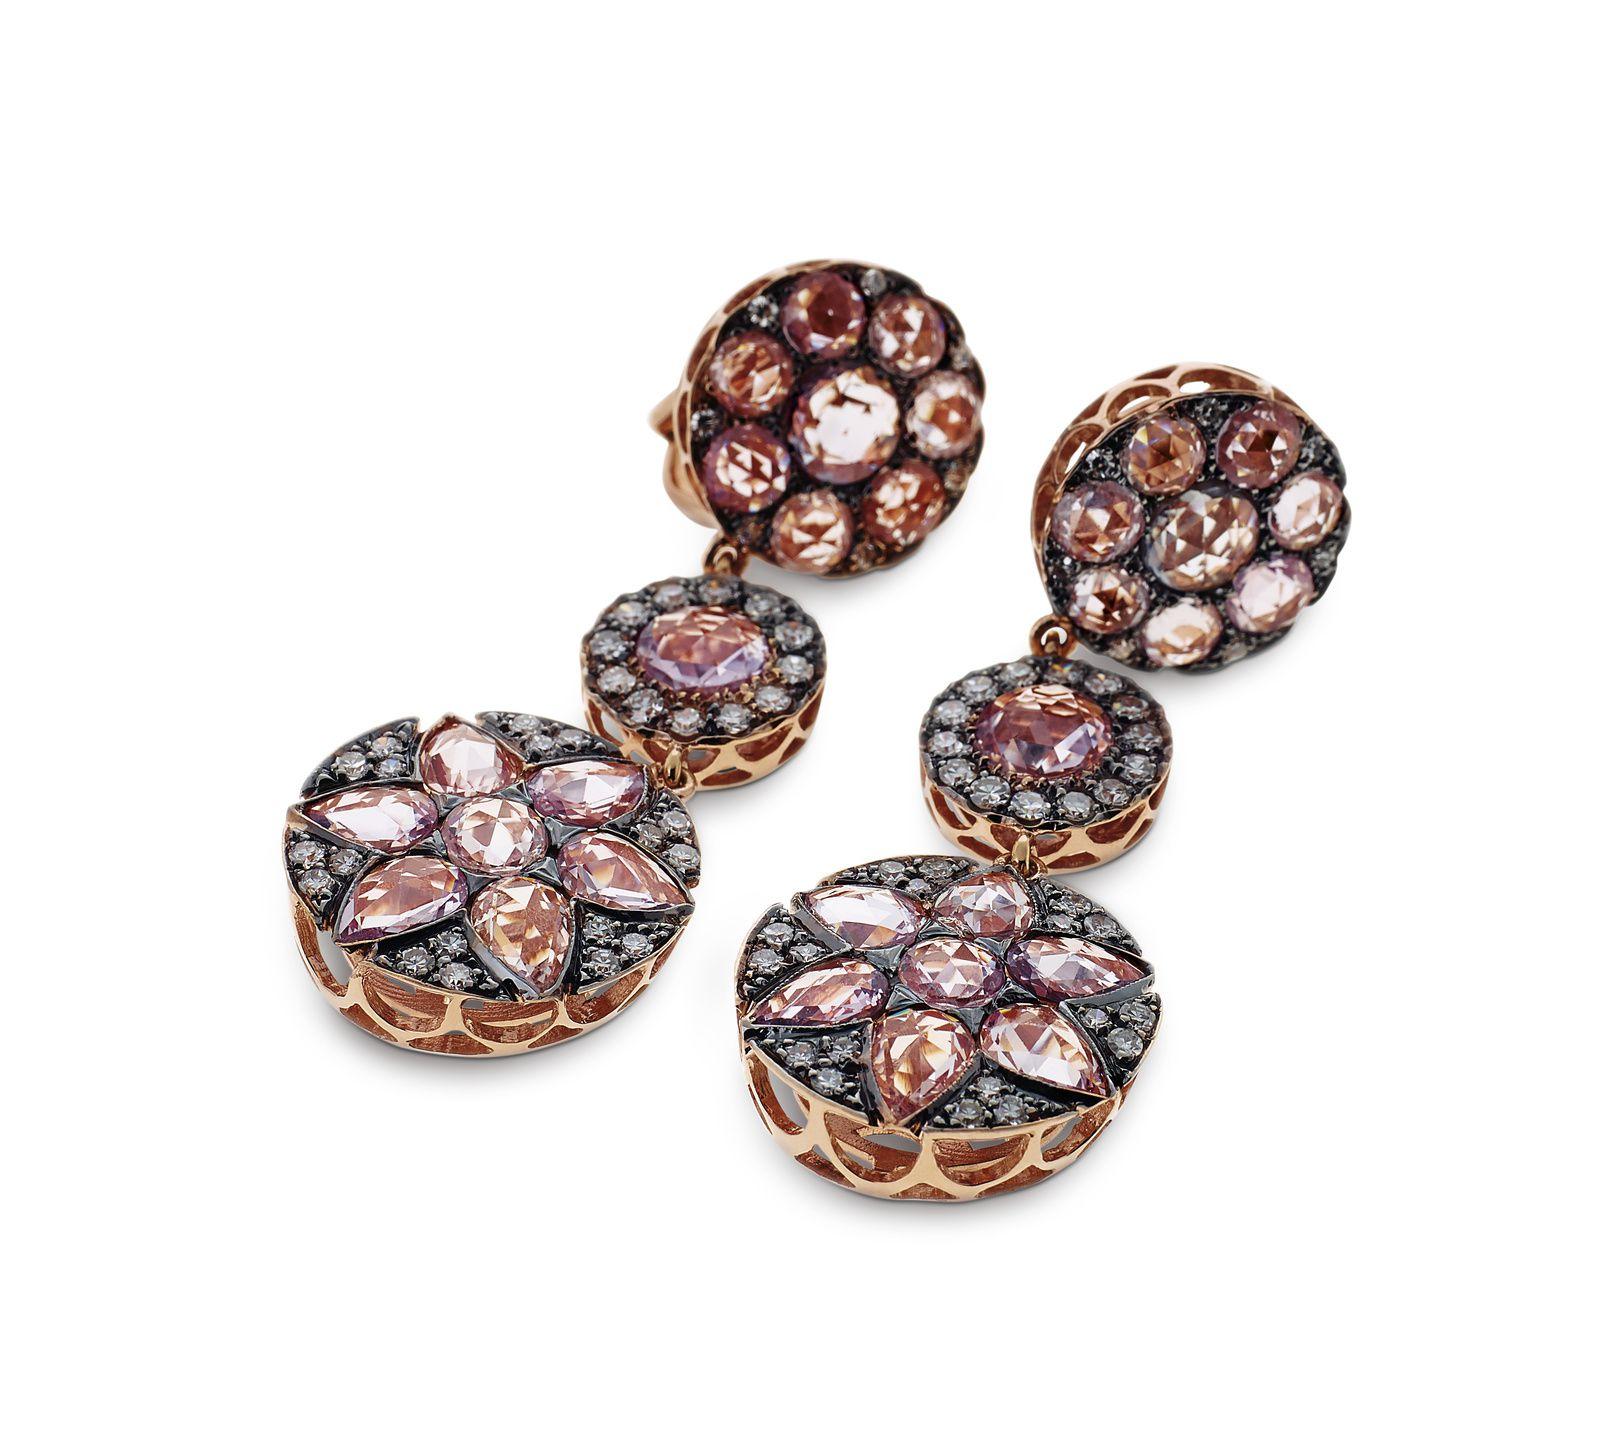 Boucles d'oreilles Beirut en or rose et diamants © Selim Mouzannar